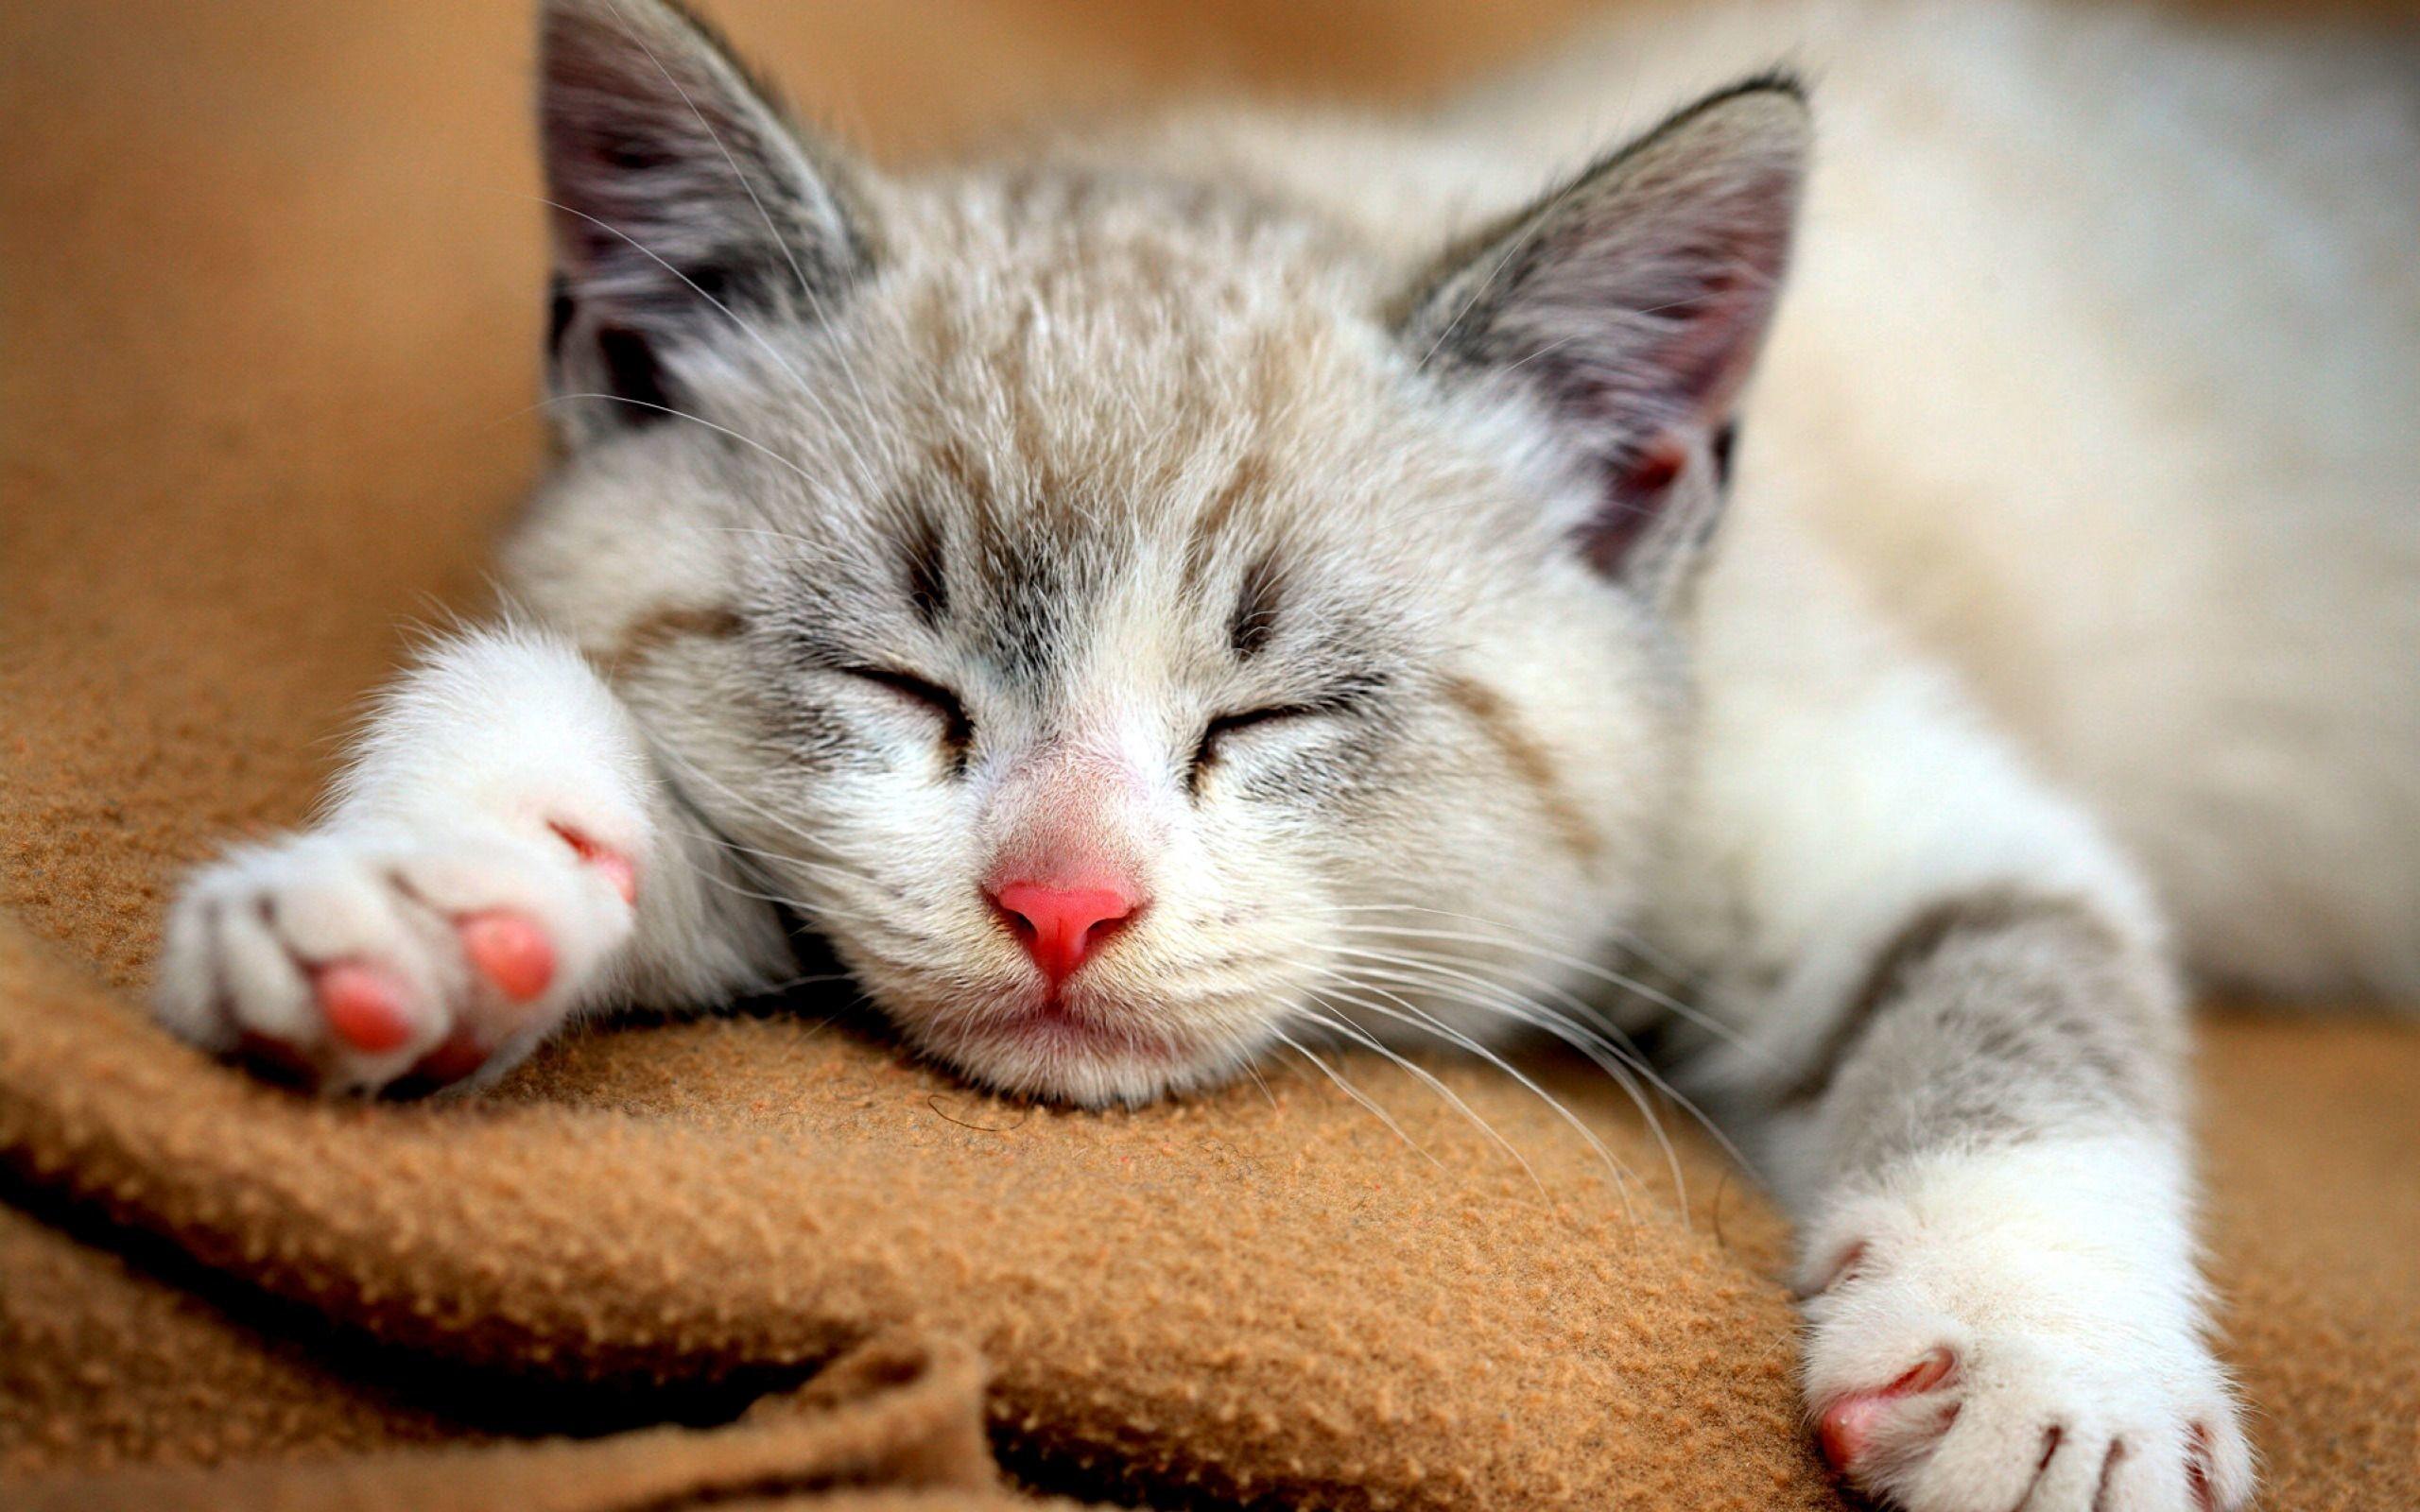 Cute kitten photo gallery Rosecoloured Ragdolls - Available Kittens